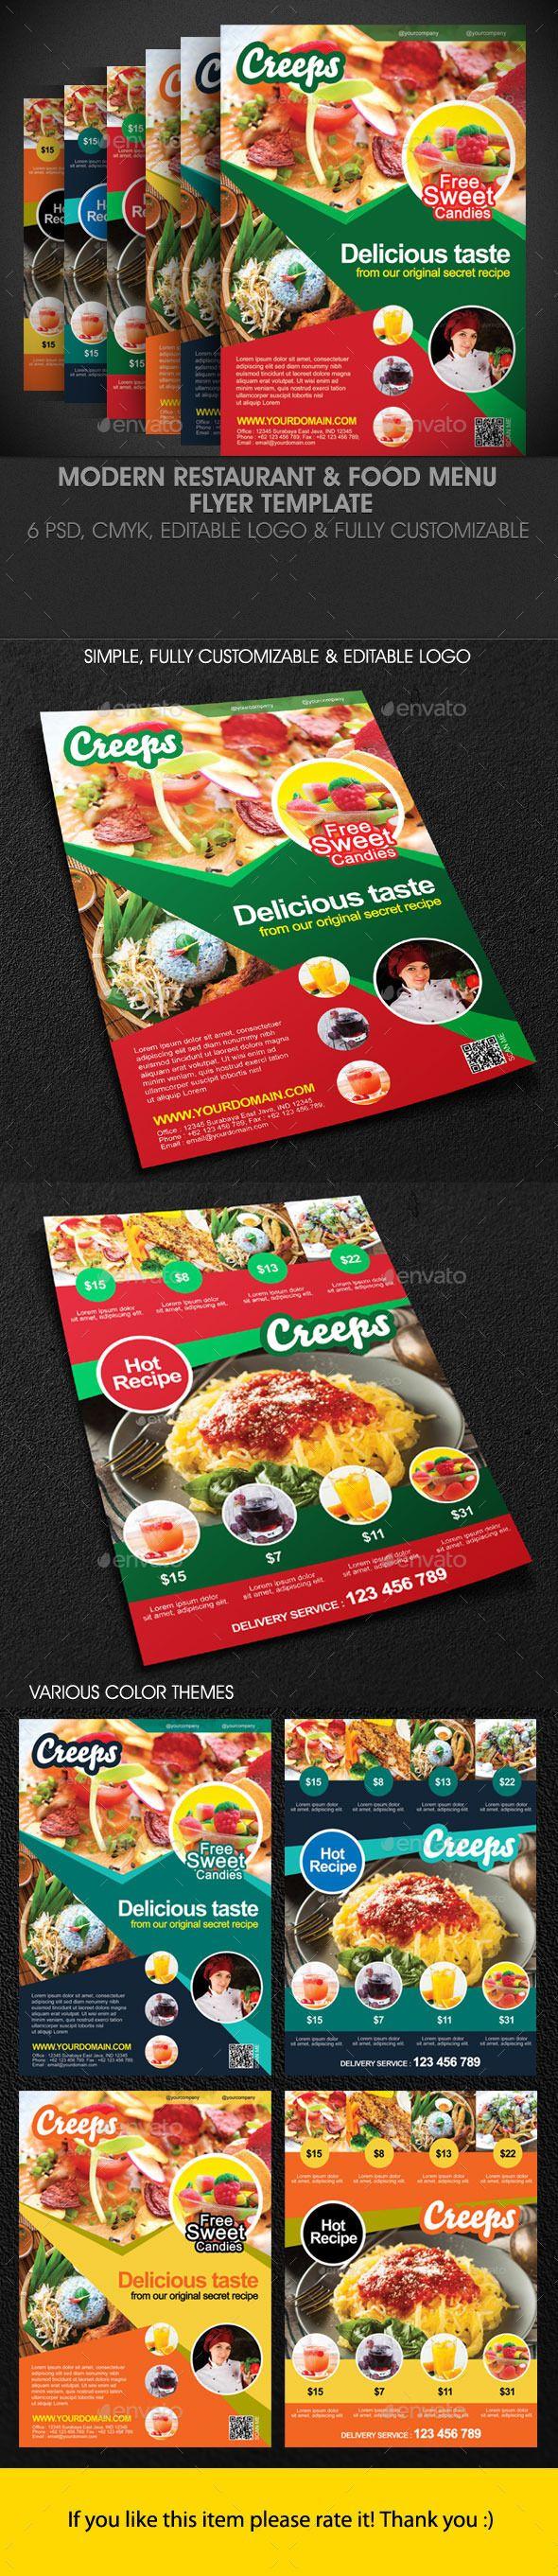 Modern Restaurant Food Menu Flyer Template  Modern Restaurant